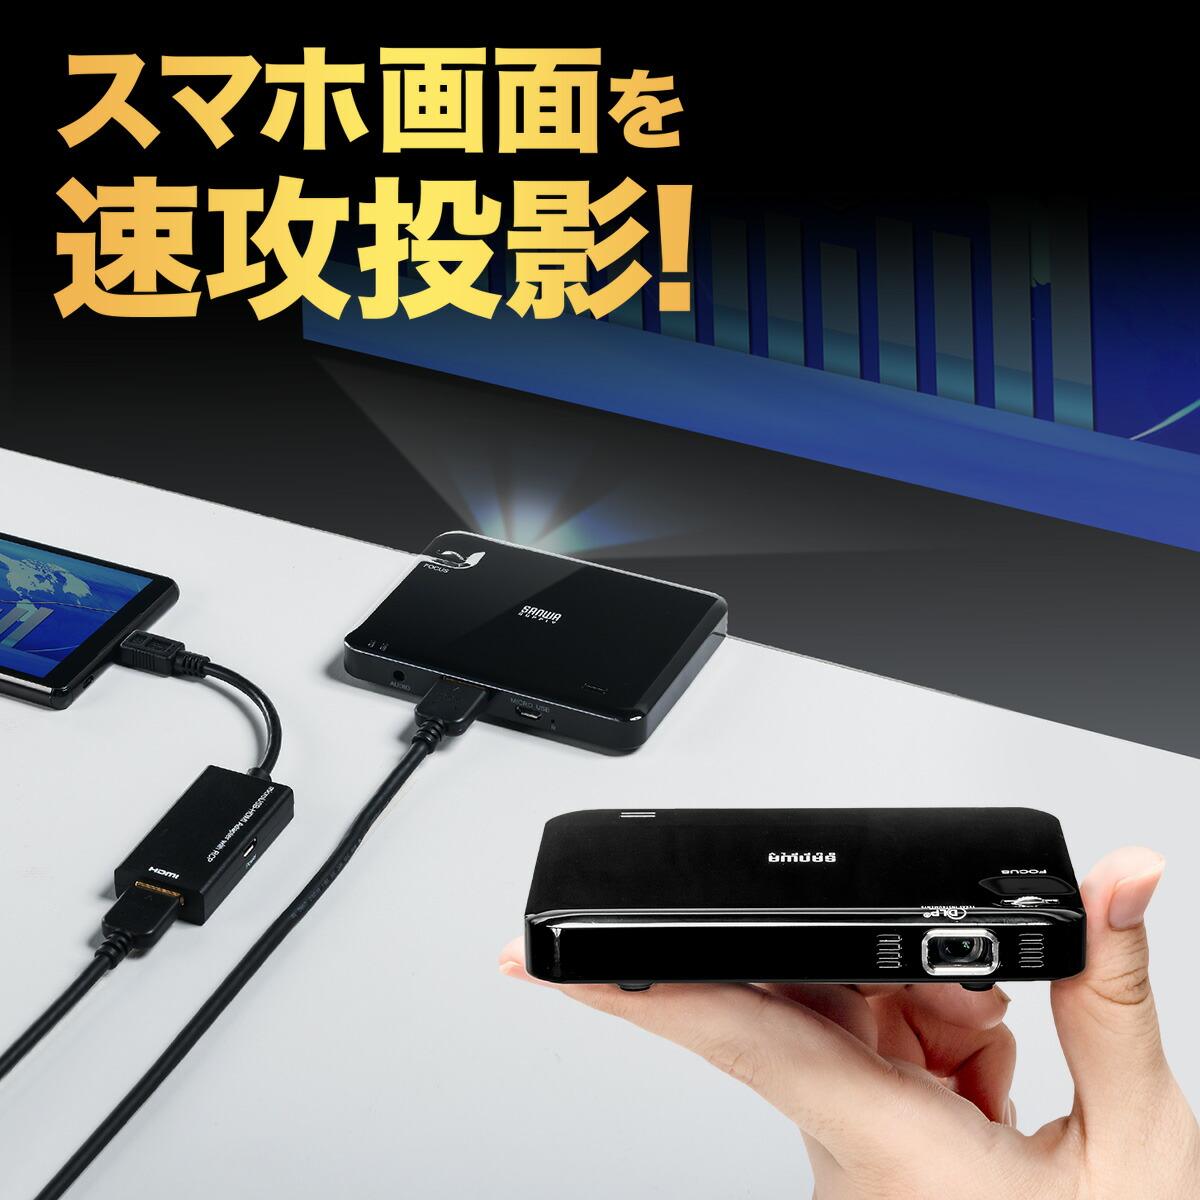 モバイルプロジェクター 小型 軽量 30ルーメン HDMI バッテリー内蔵 スピーカー内蔵 手のひらサイズ ファンレス 三脚対応 [400-PRJ023]【サンワダイレクト限定品】【送料無料】